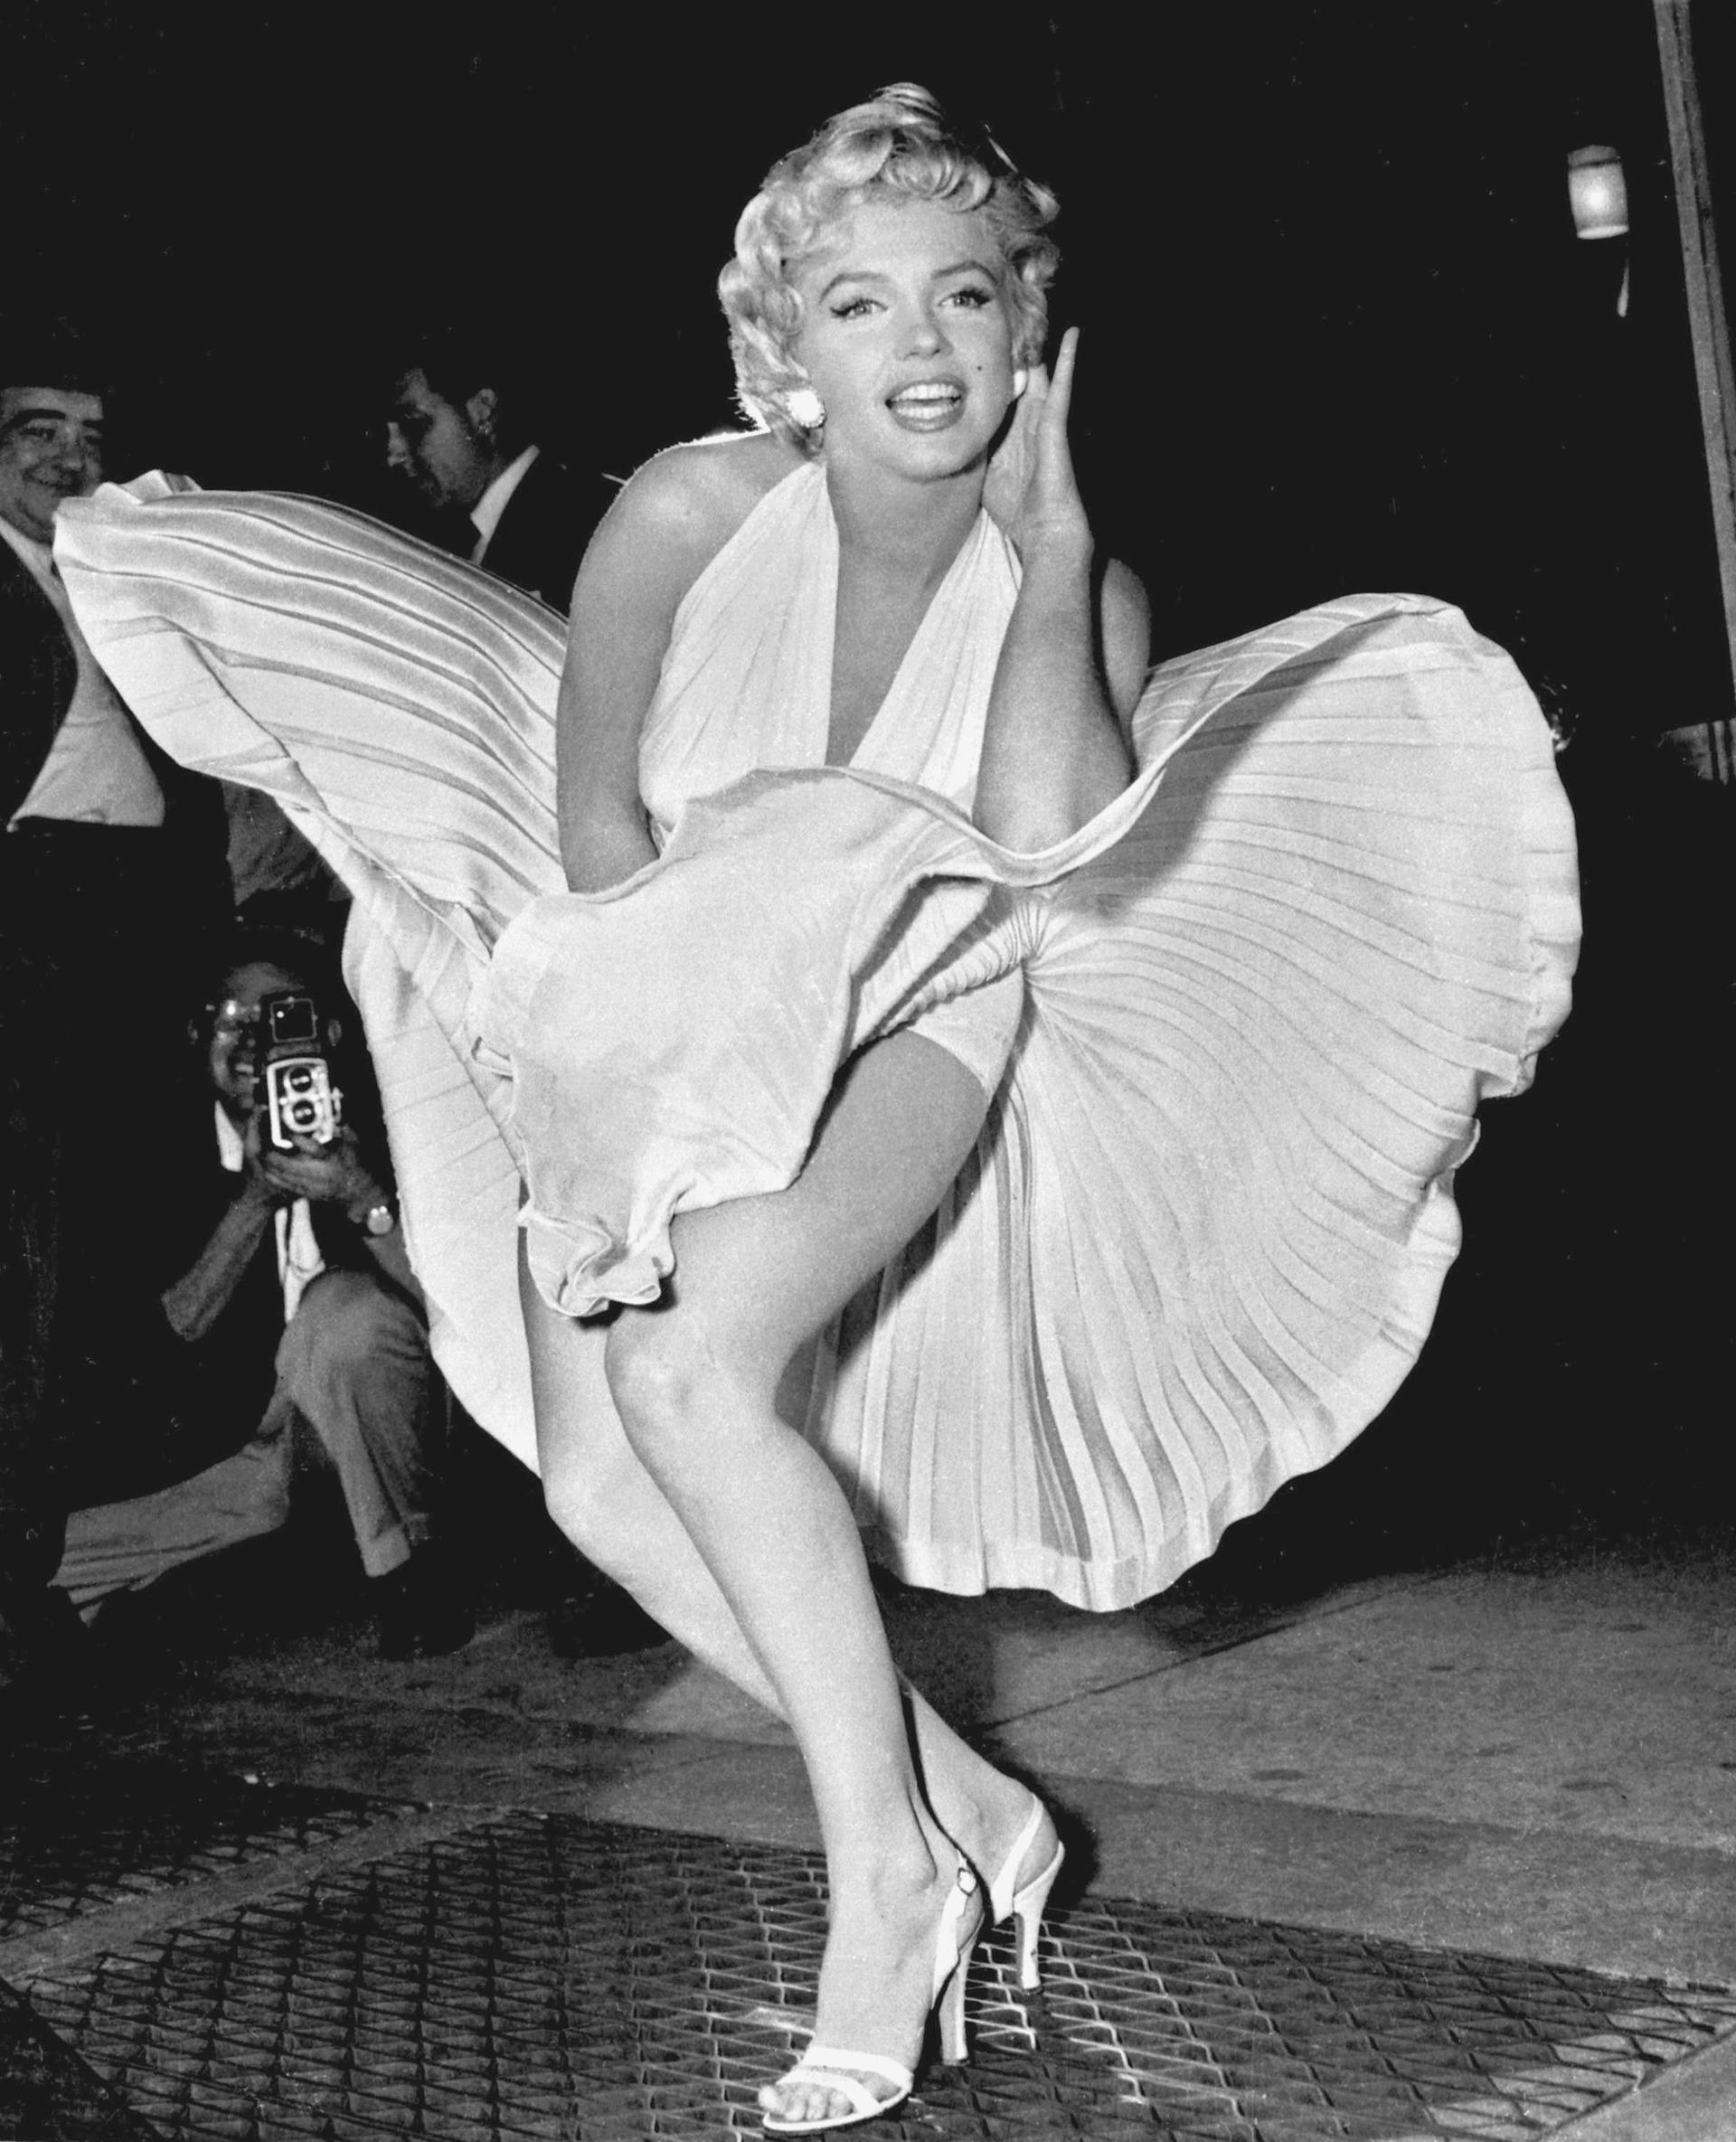 Marylin Monroe con el icónico vestido plisado blanco de 'La tentación vive arriba'. Con su cabello corto ondulado rubio, fue una de las mujeres más deseadas en la historia del cine.Diseñado por William Travilla, este vestido fue subastado en el 2015 por un valor de 5.520.000 dólares